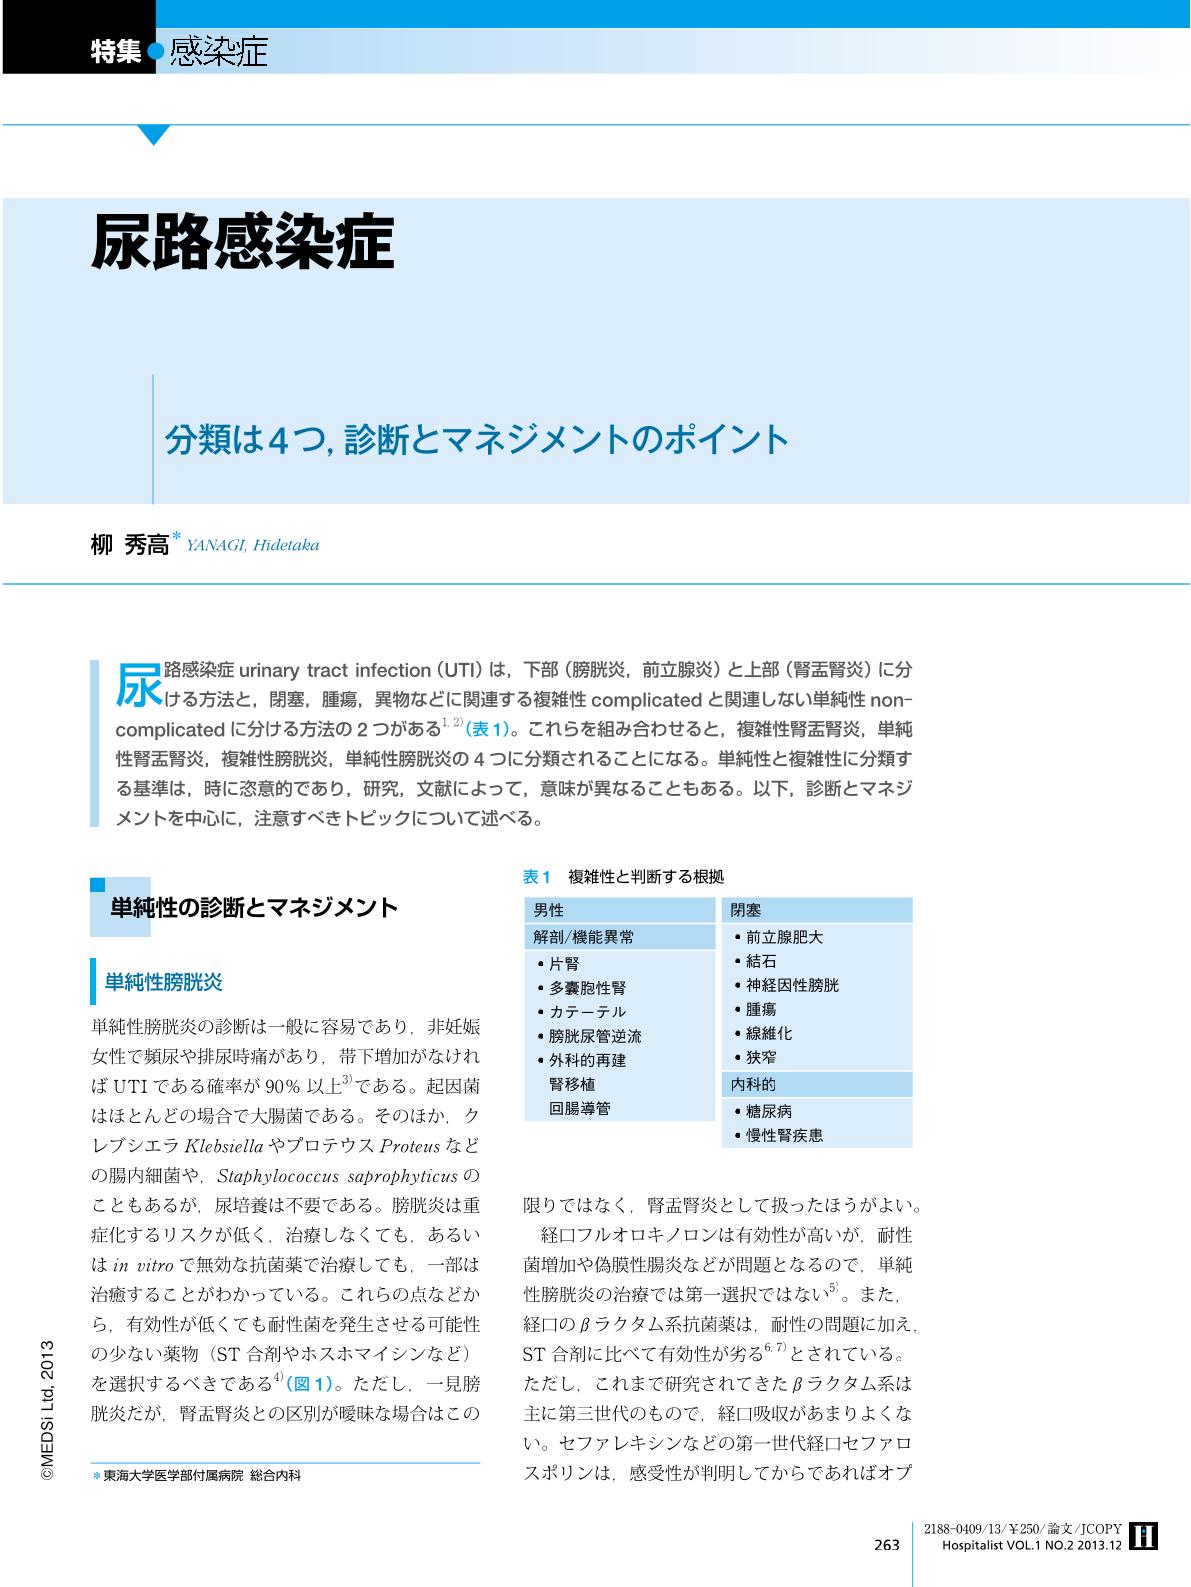 性 路 症 尿 複雑 感染 尿路感染症に対するセフェム系、キノロン系の有効性